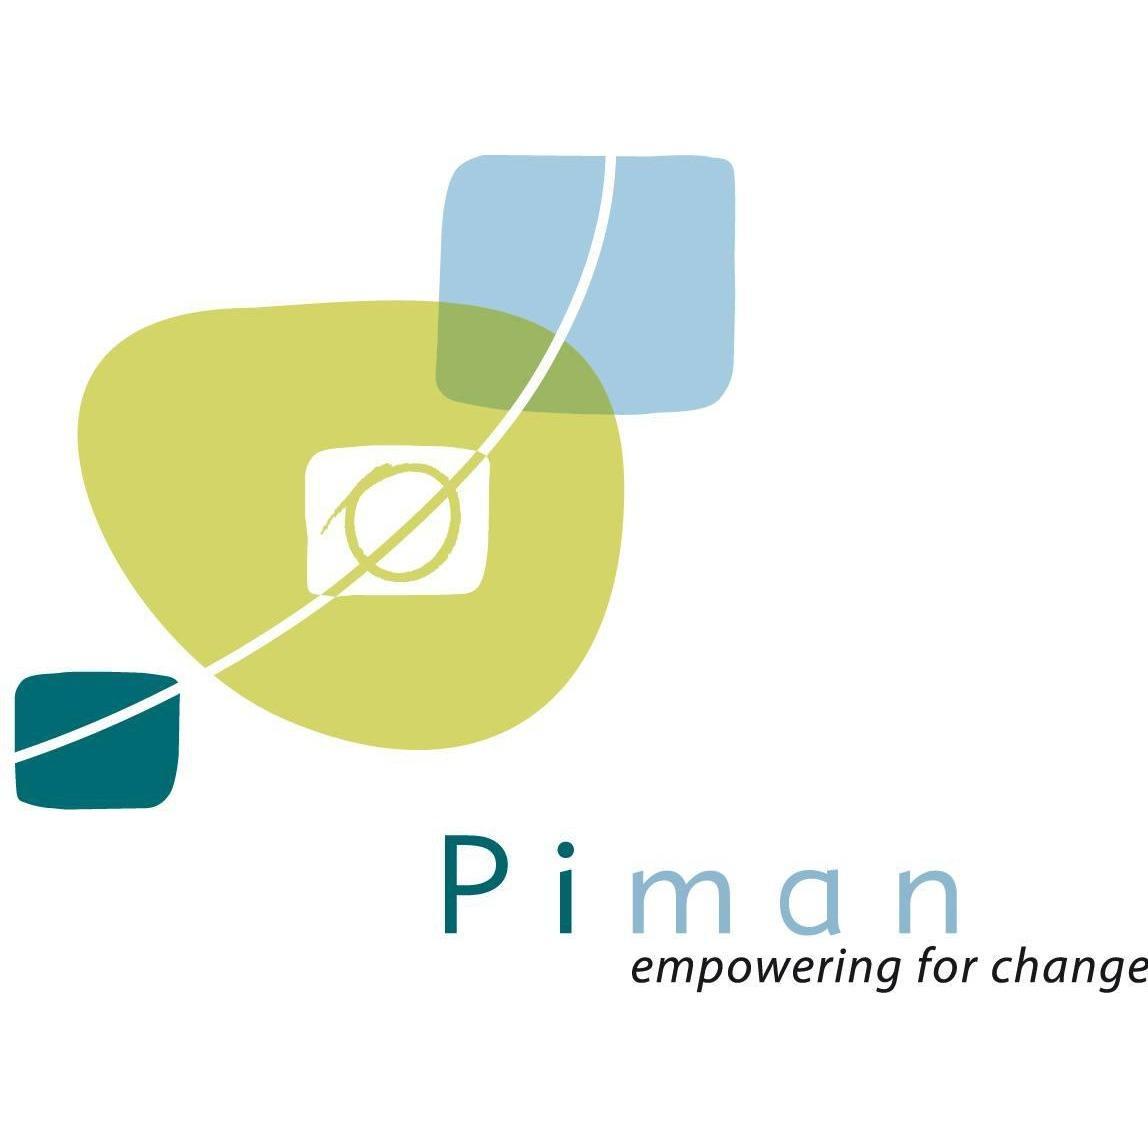 PIMAN - Assess, Build and Lead Talents - PI Management S.à r.l.